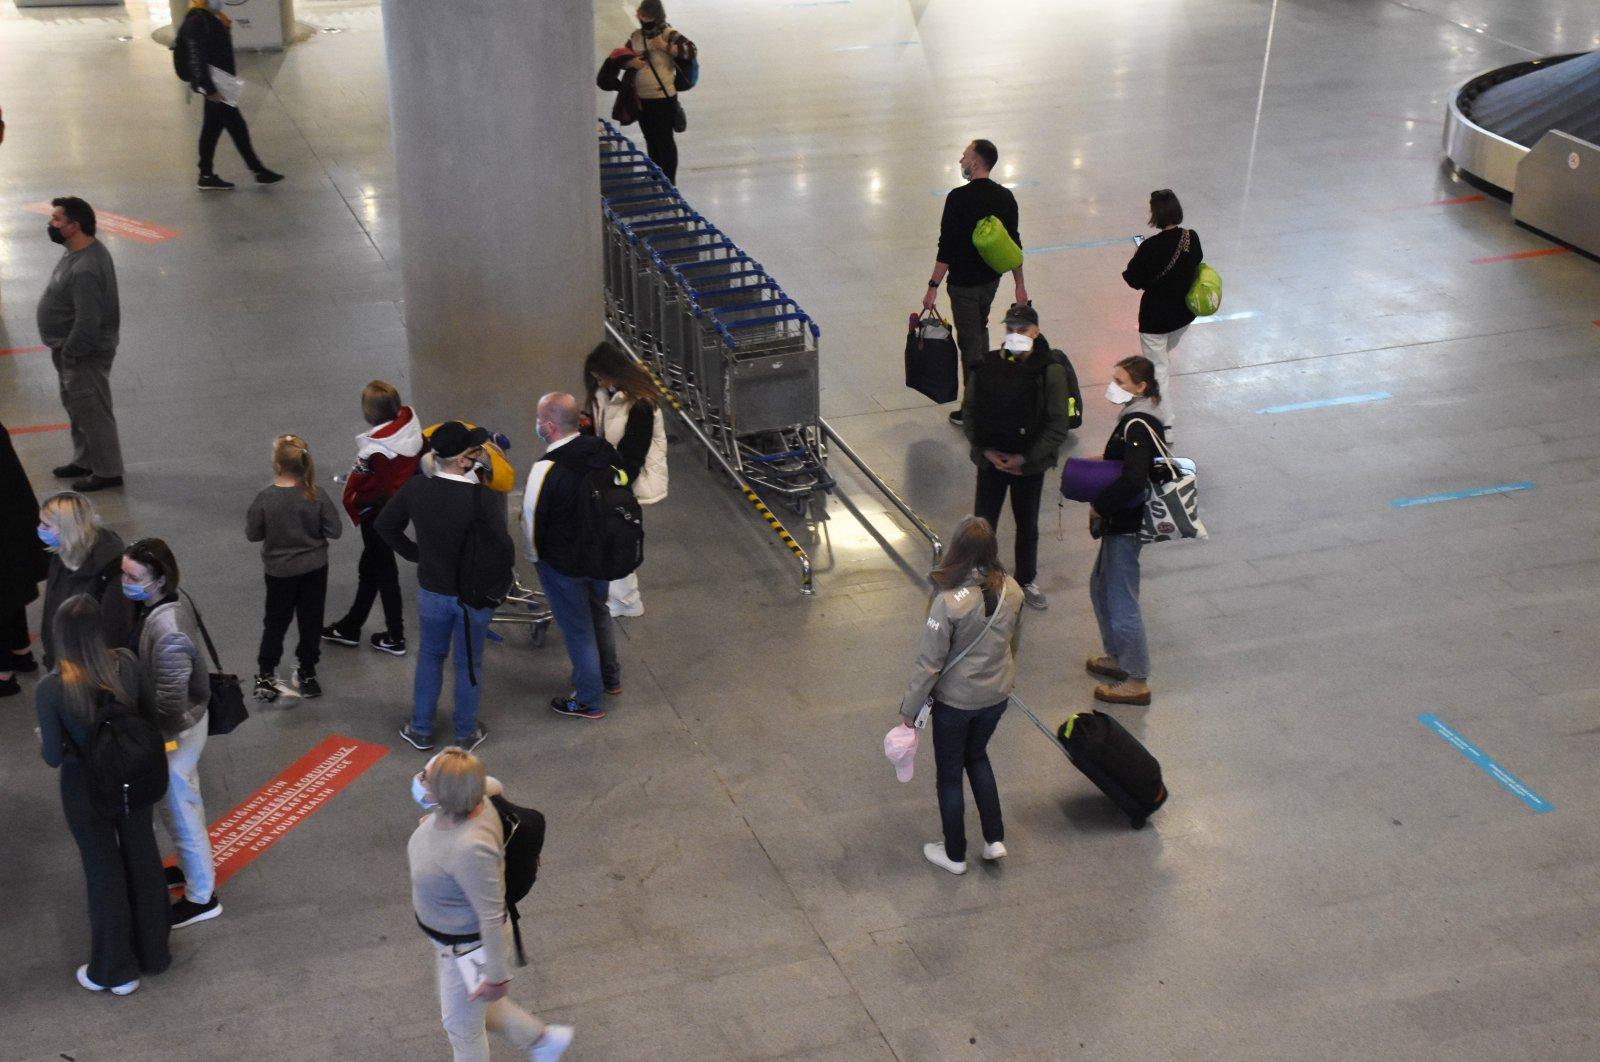 Russian tourists arrive at Dalaman Airport, Muğla, southwestern Turkey, March 19, 2021. (AA Photo)